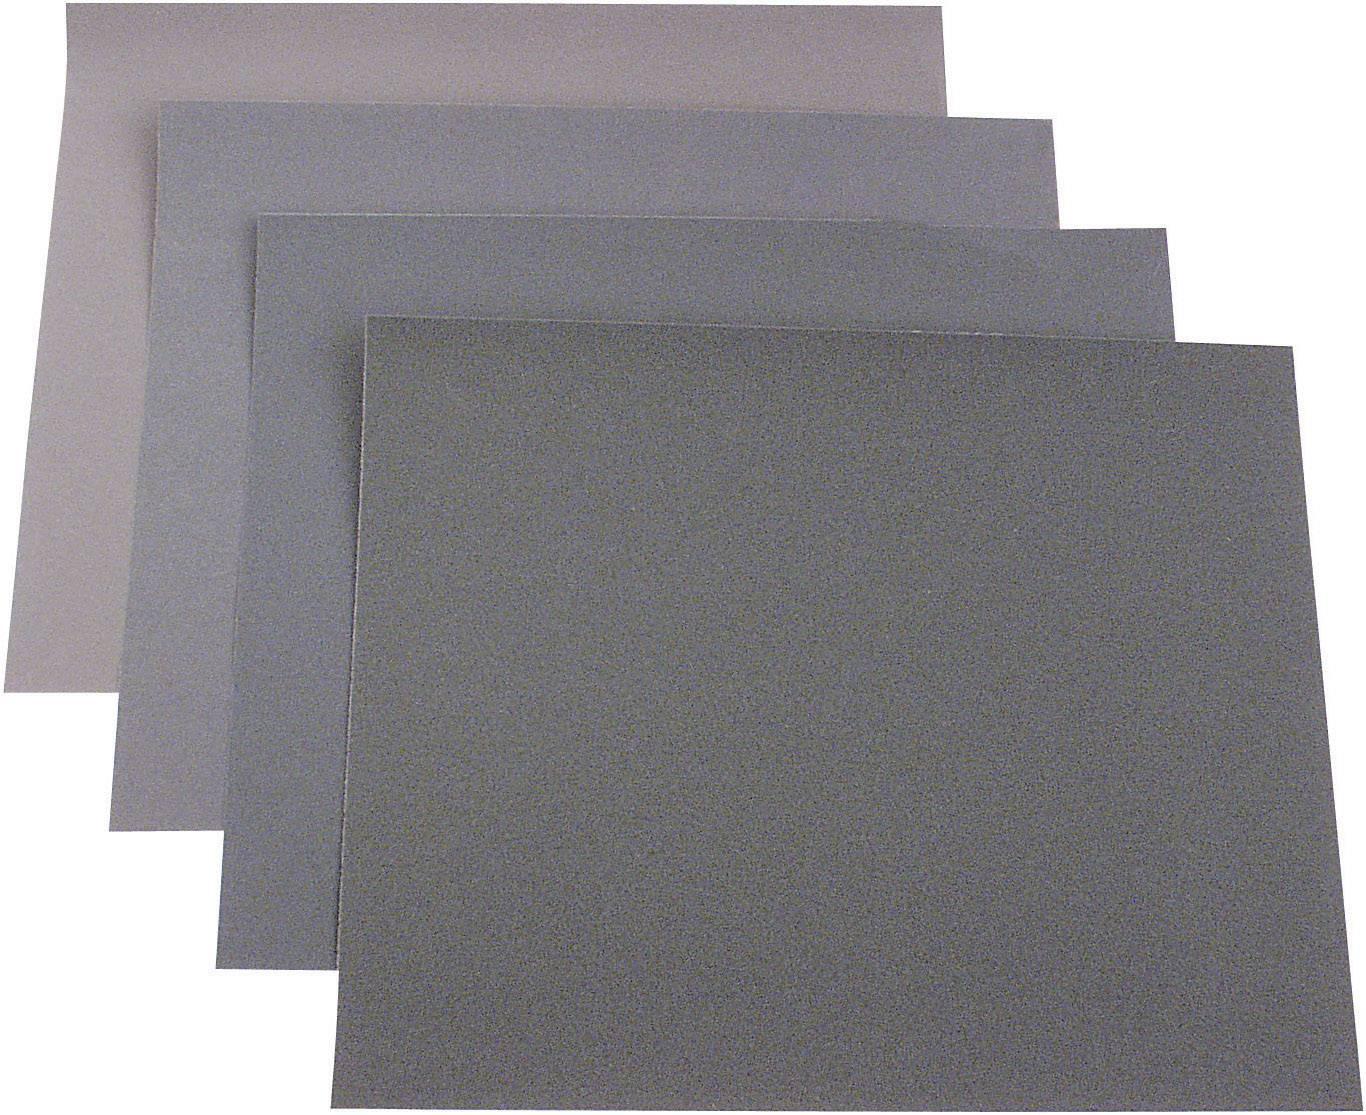 Sada ručného brúsneho papiera 812316 zrnitosť 40, 100, 150, 180, (d x š) 280 mm x 230 mm, 50 ks